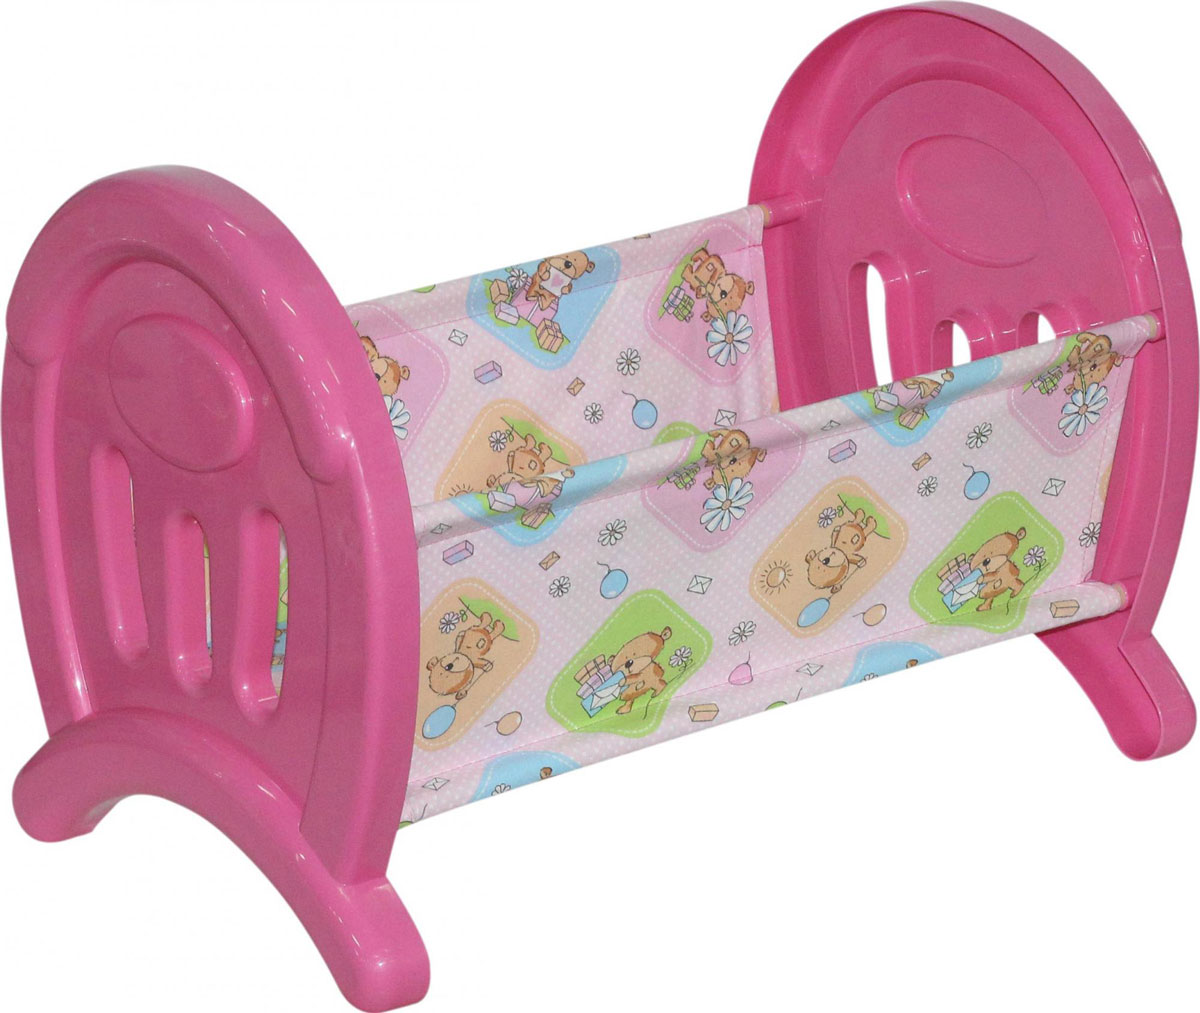 Полесье Кроватка для кукол цвет розовый 55996 полесье набор для песочницы 469